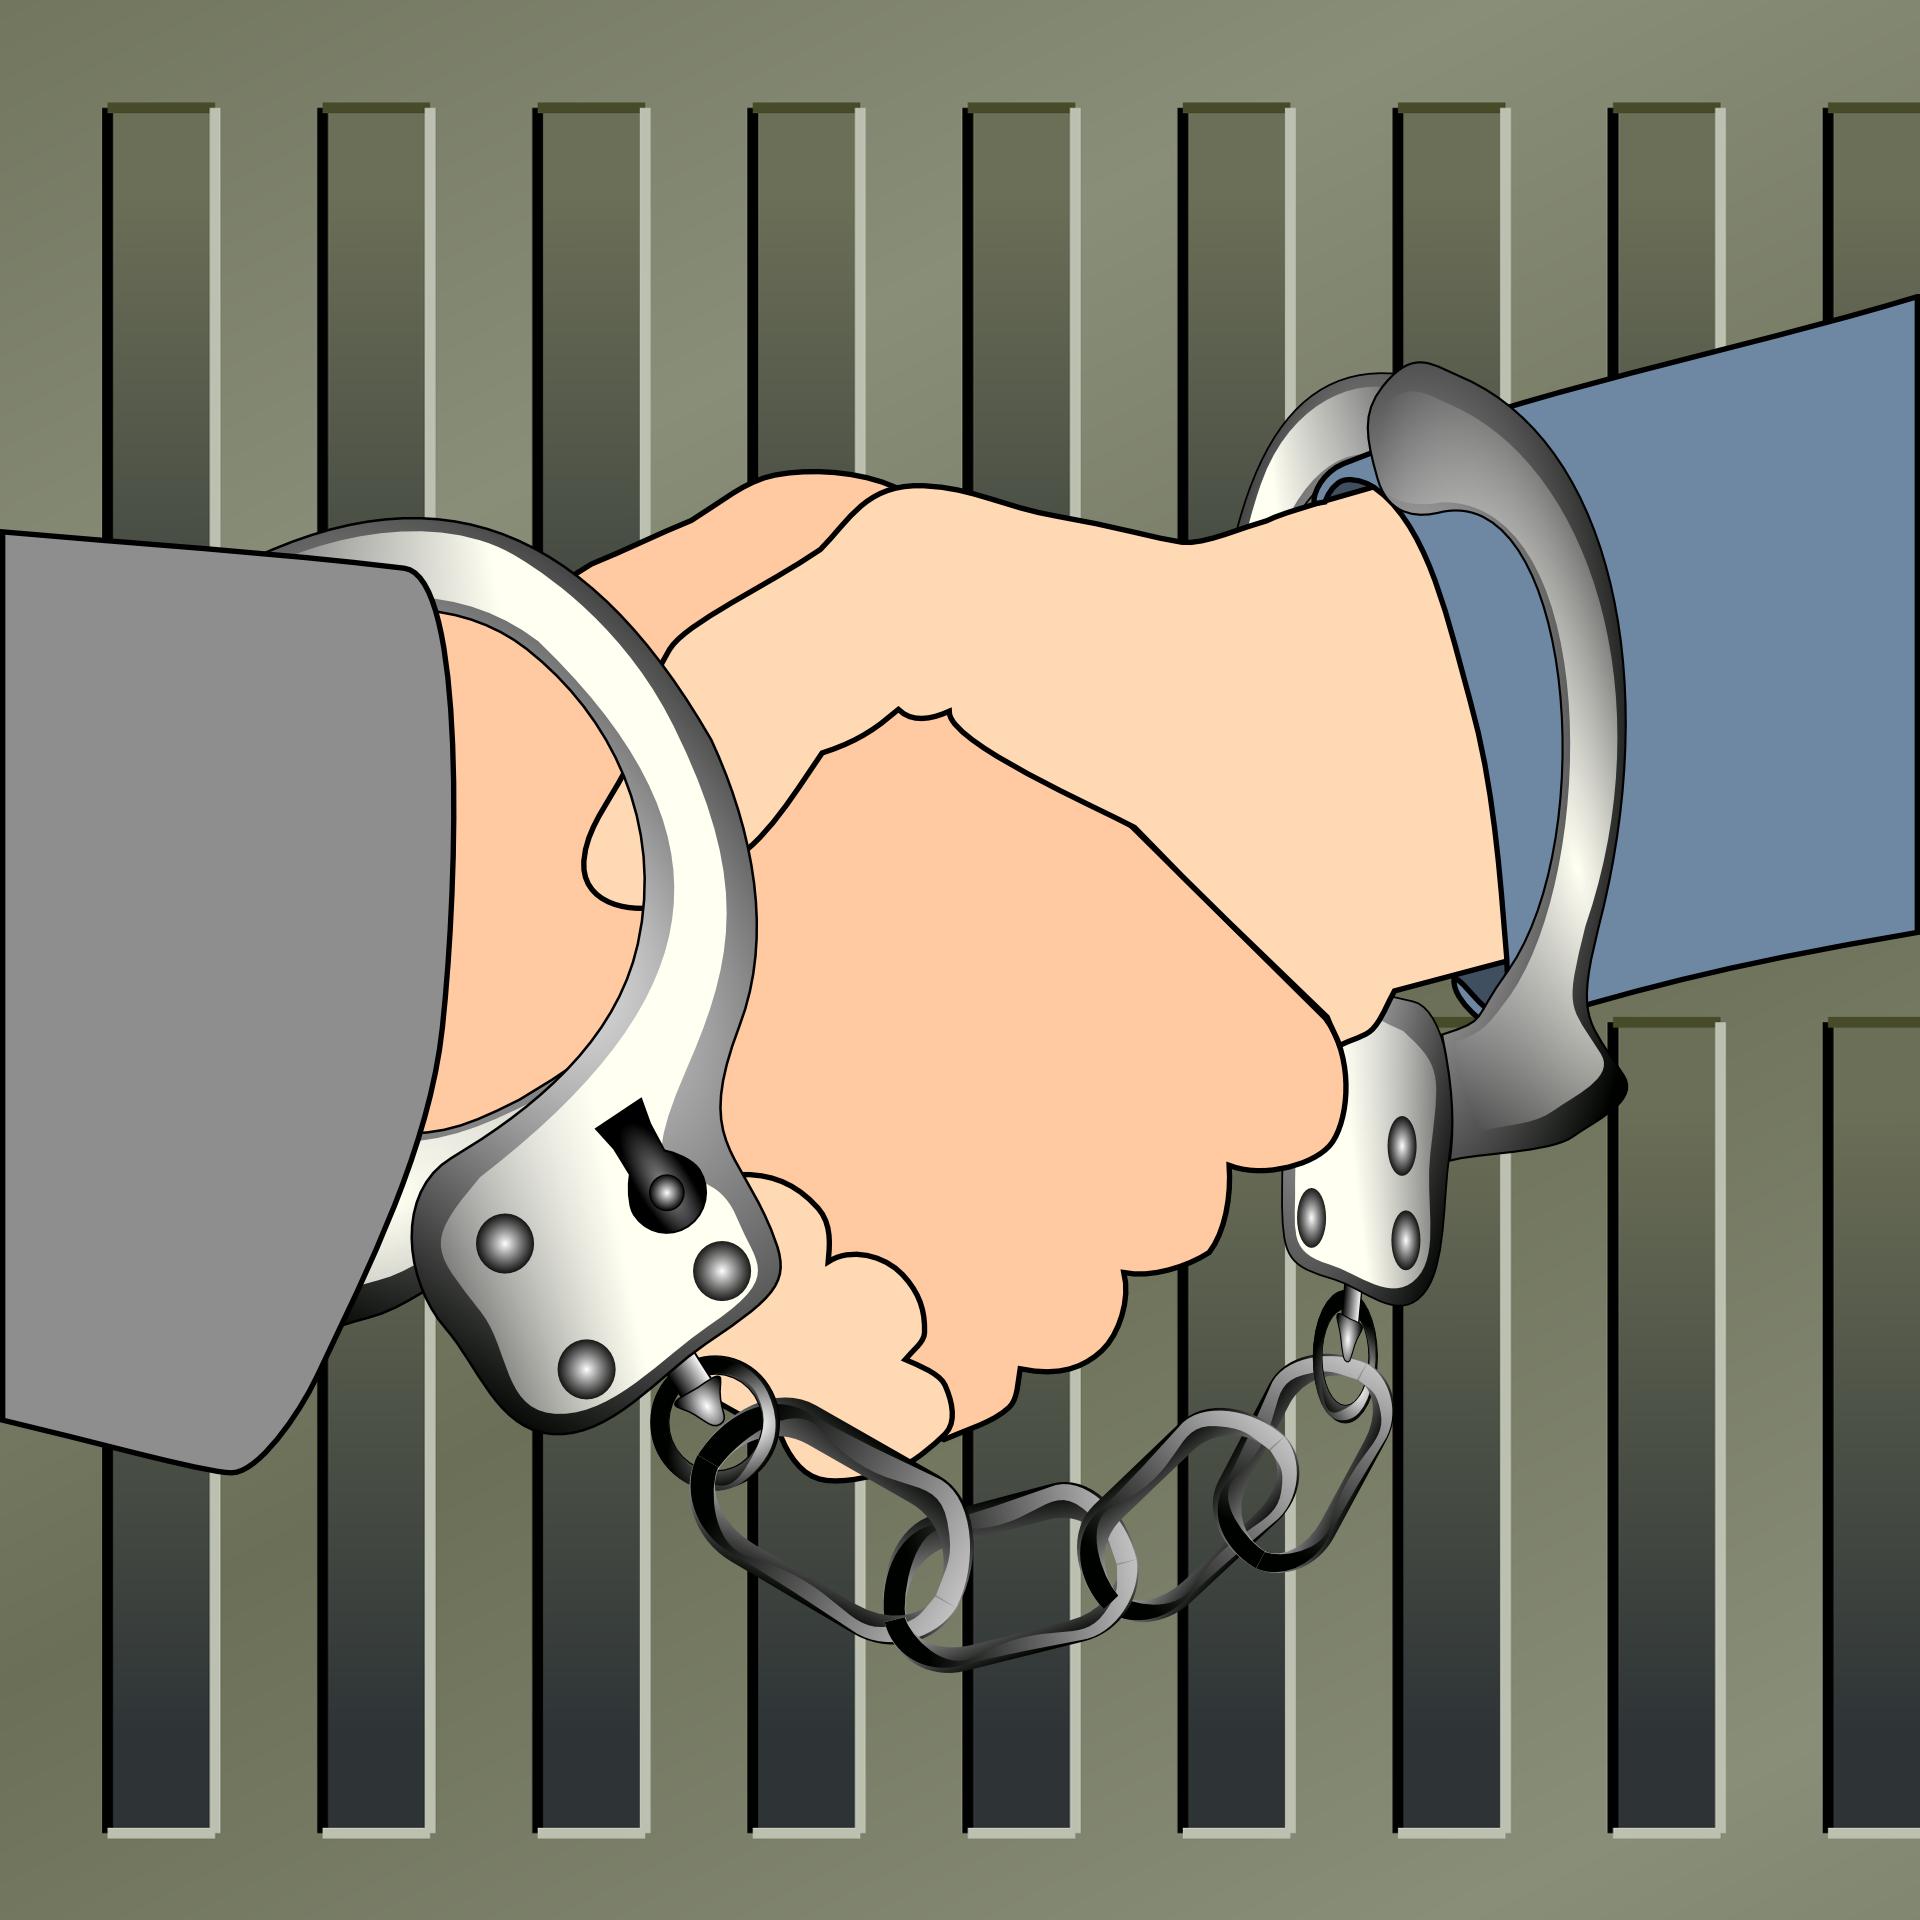 Qu'est-ce que le dilemme du prisonnier ?